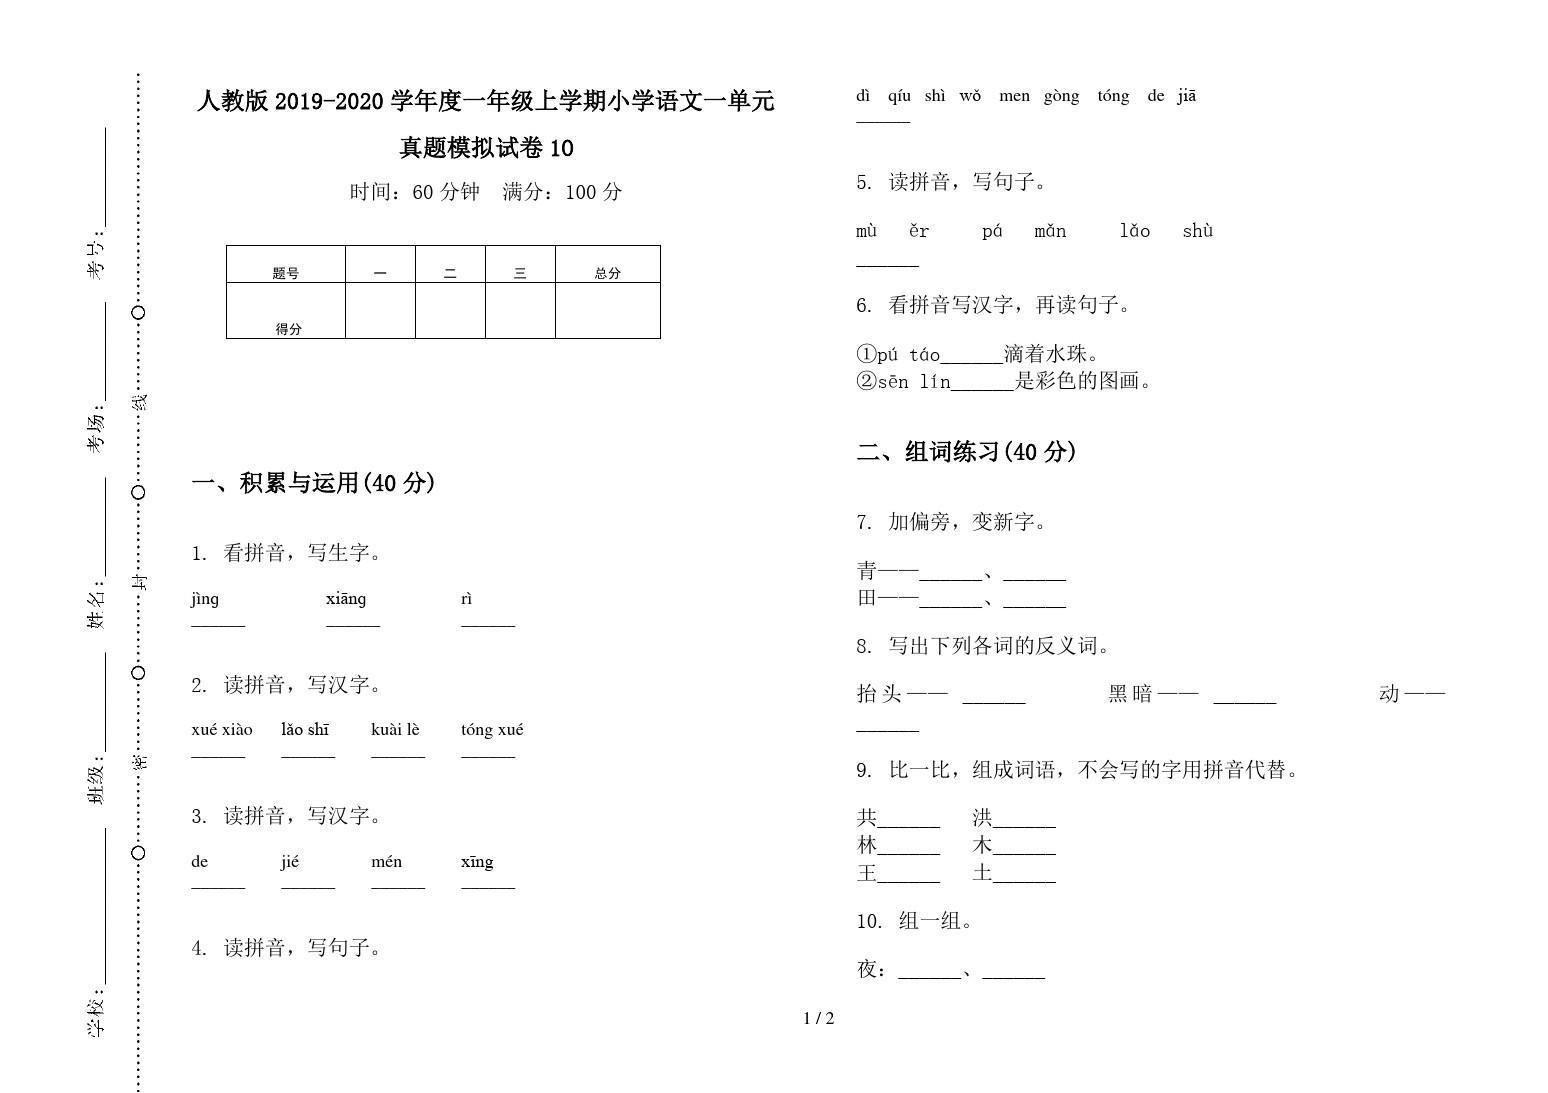 人教版2019-2020学年度一年级上学期小学语文一单元真题模拟试卷1O答案